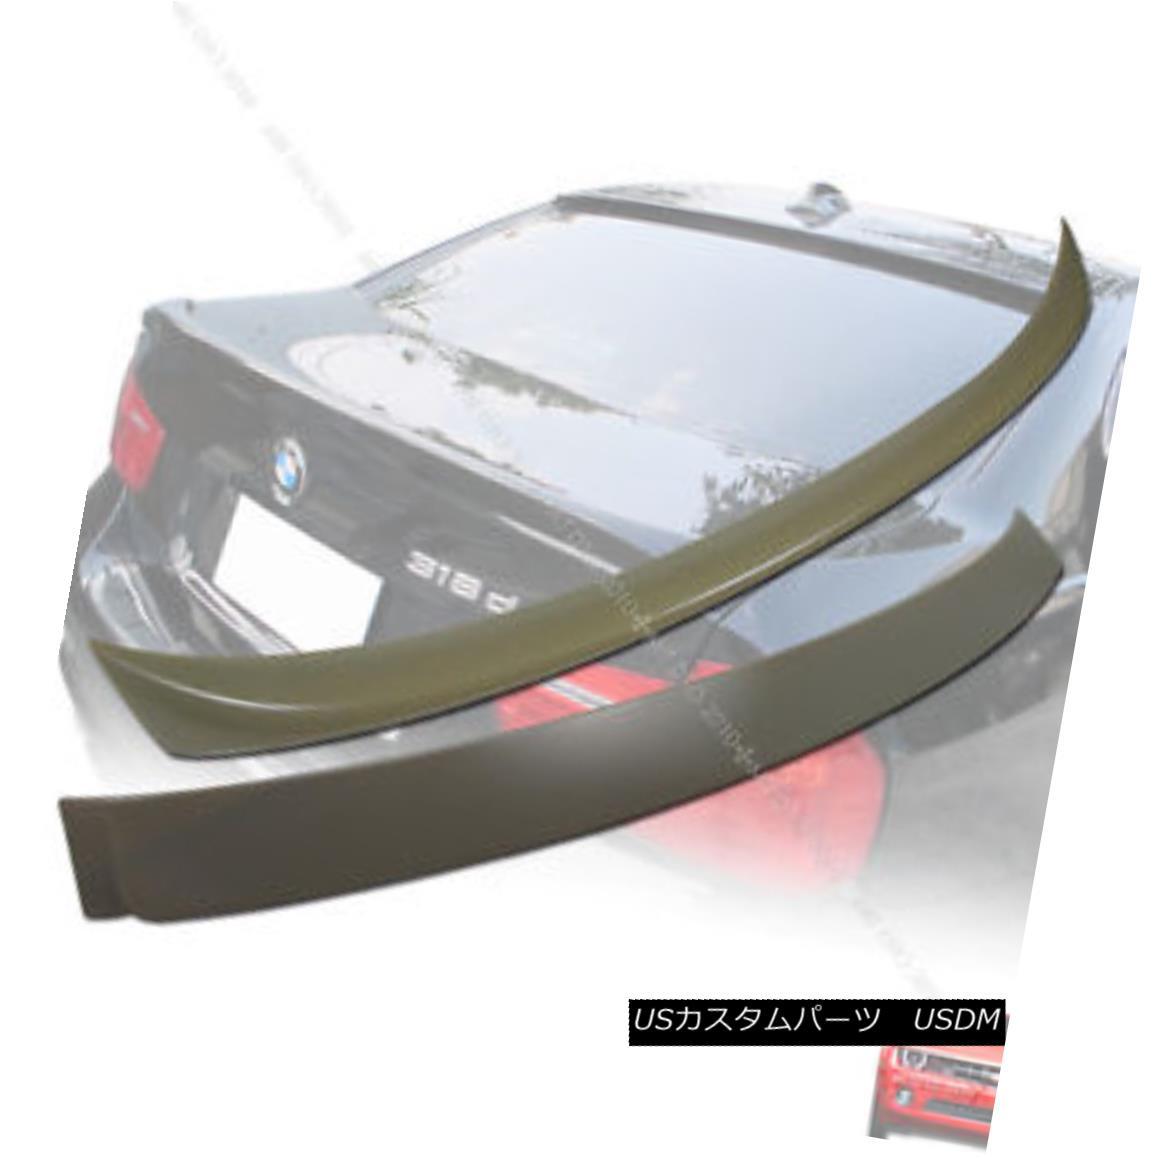 エアロパーツ E90 BMW OE Style 06 08 10 3-Series Trunk Spoiler & A Style Roof Spoiler § E90 BMW OEスタイル06 08 10 3シリーズトランク・スポイラー& スタイルルーフスポイラー